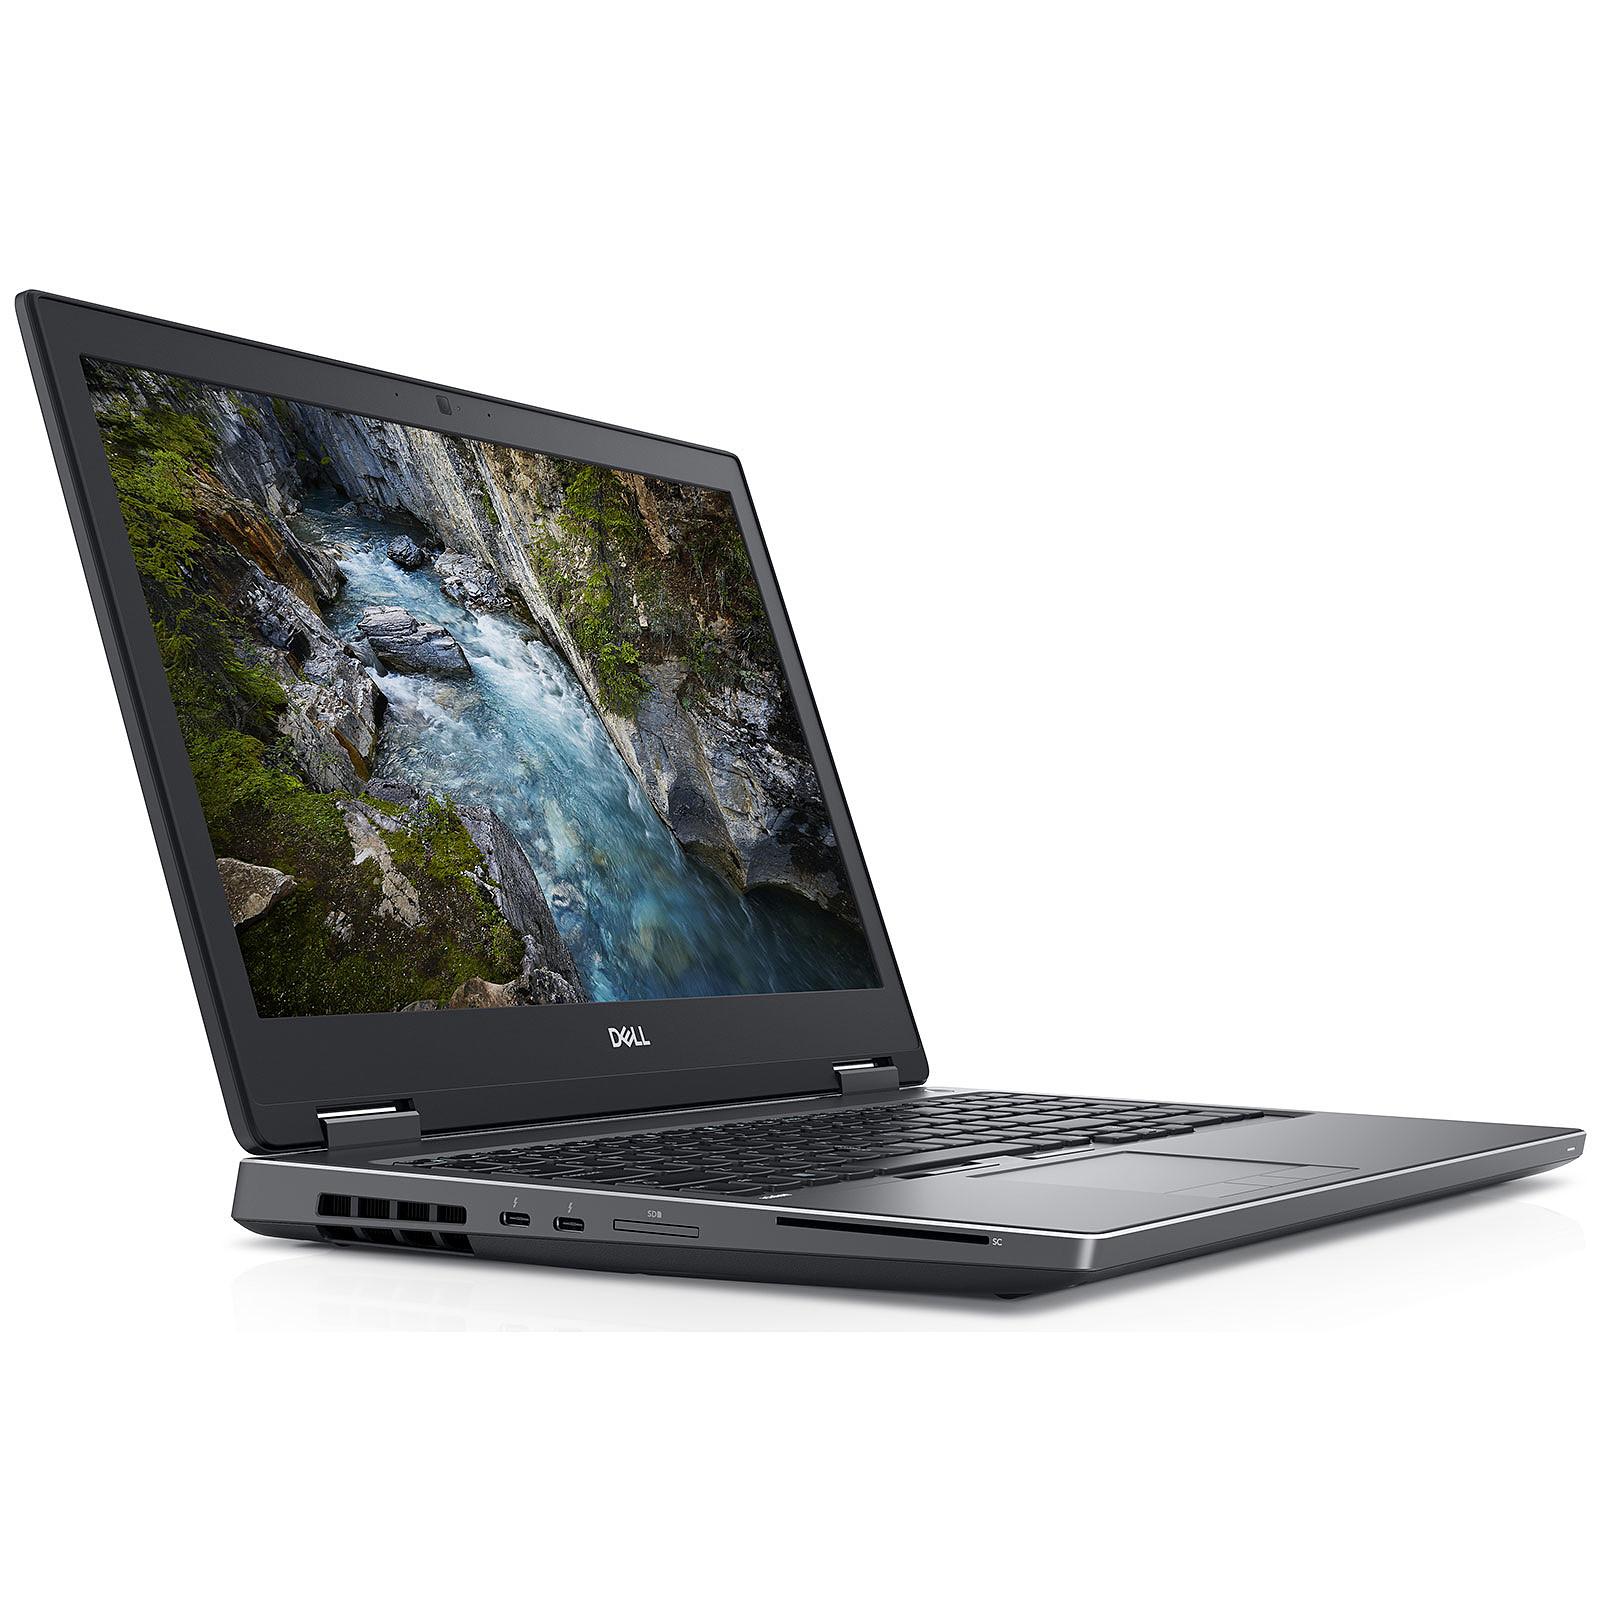 Dell Precision 7530 (X2P2R)